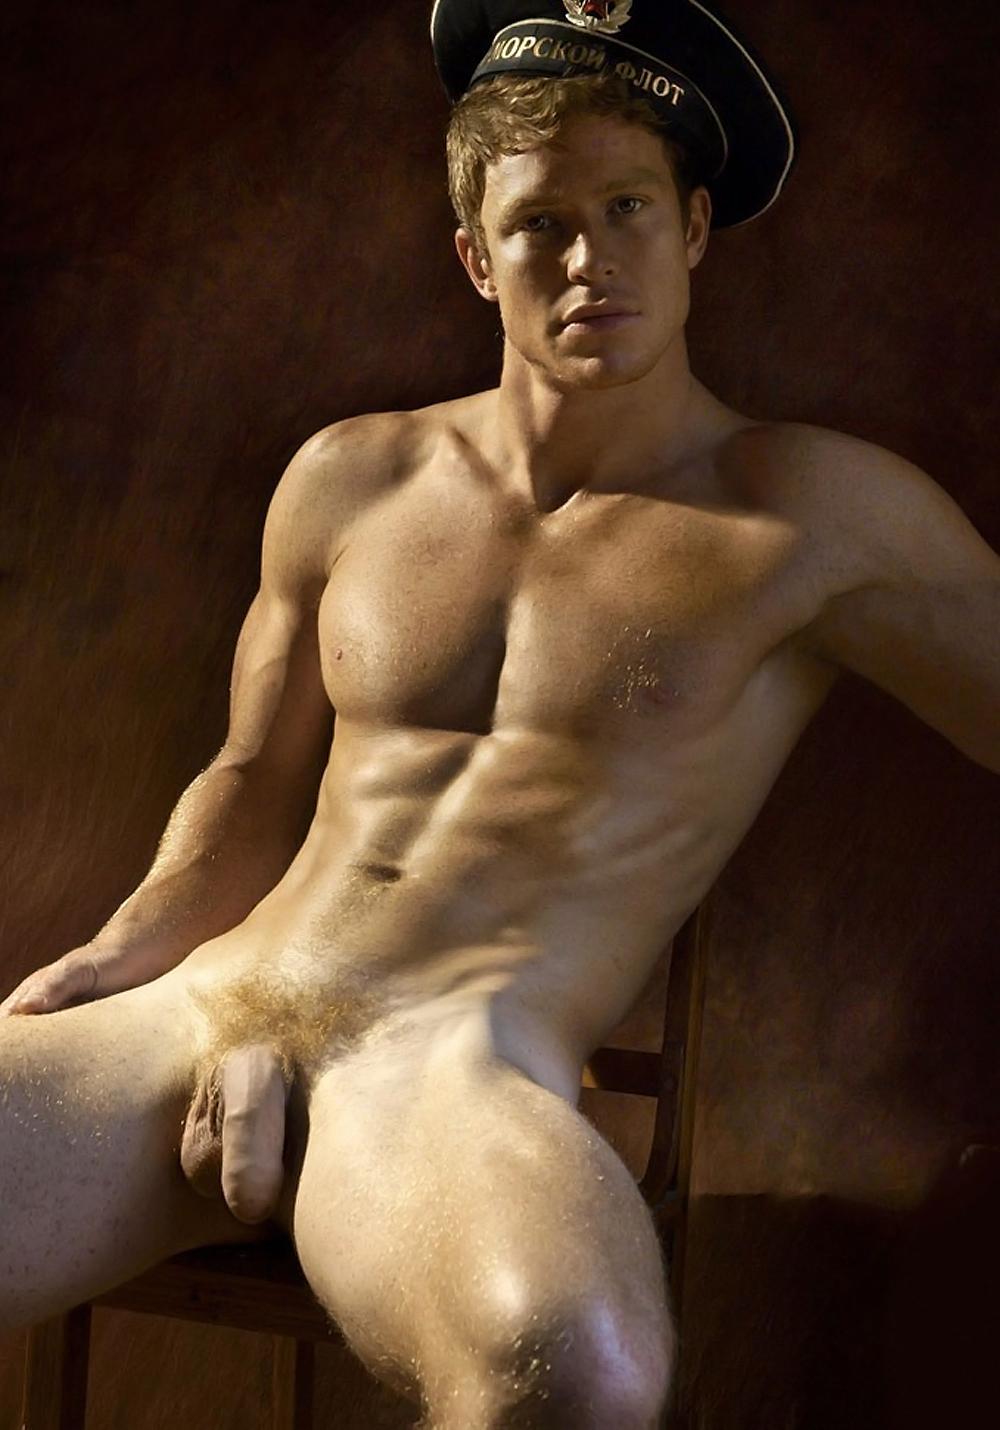 Фото голые парни вконтакте 6 фотография